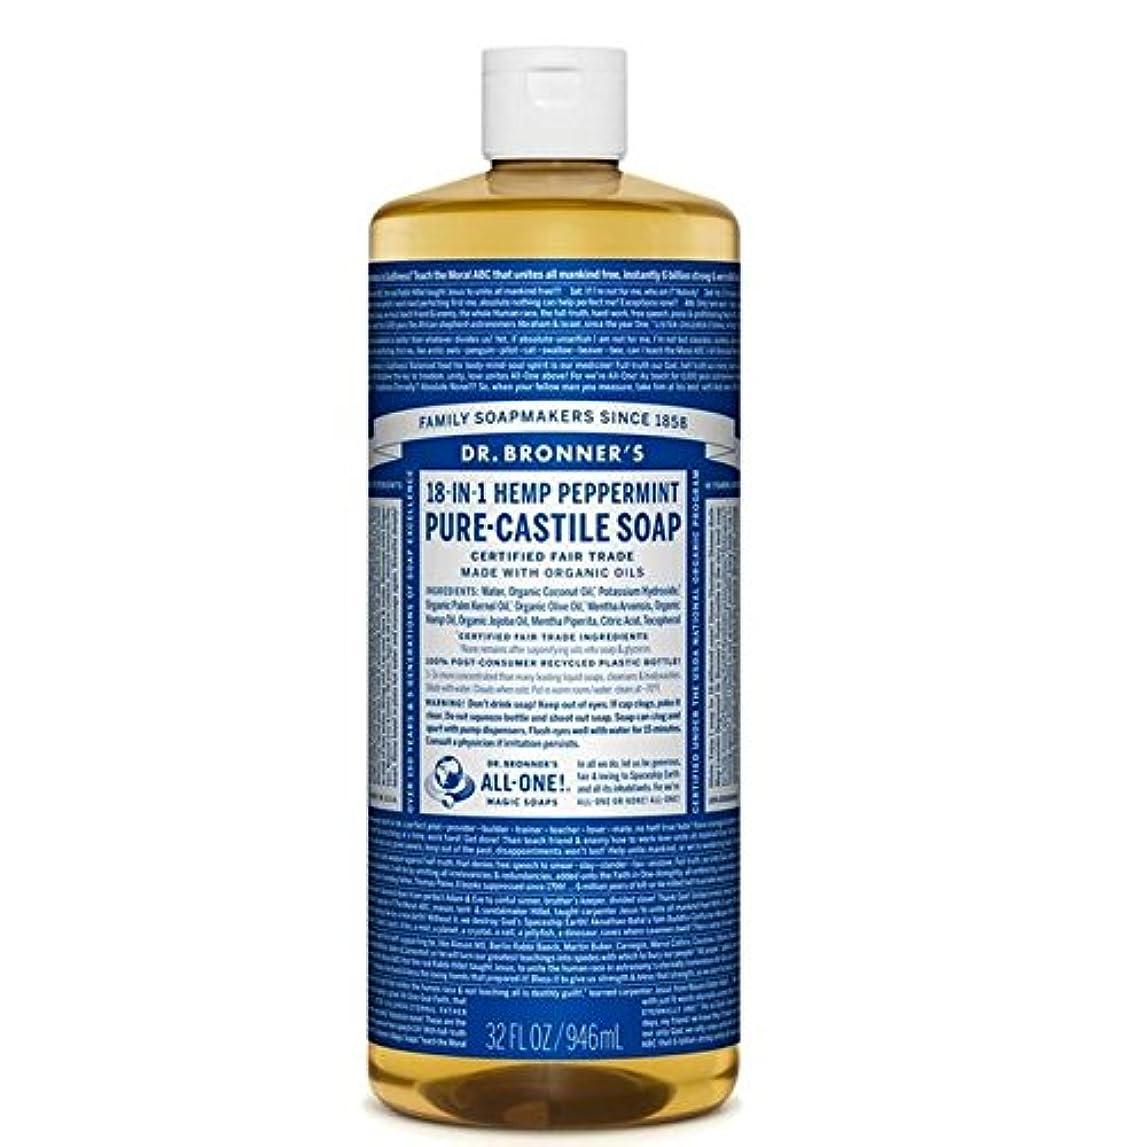 ピカリング仮定する苦情文句Dr Bronner Organic Peppermint Castile Liquid Soap 946ml - のブロナー有機ペパーミントカスティーリャ液体石鹸946ミリリットル [並行輸入品]